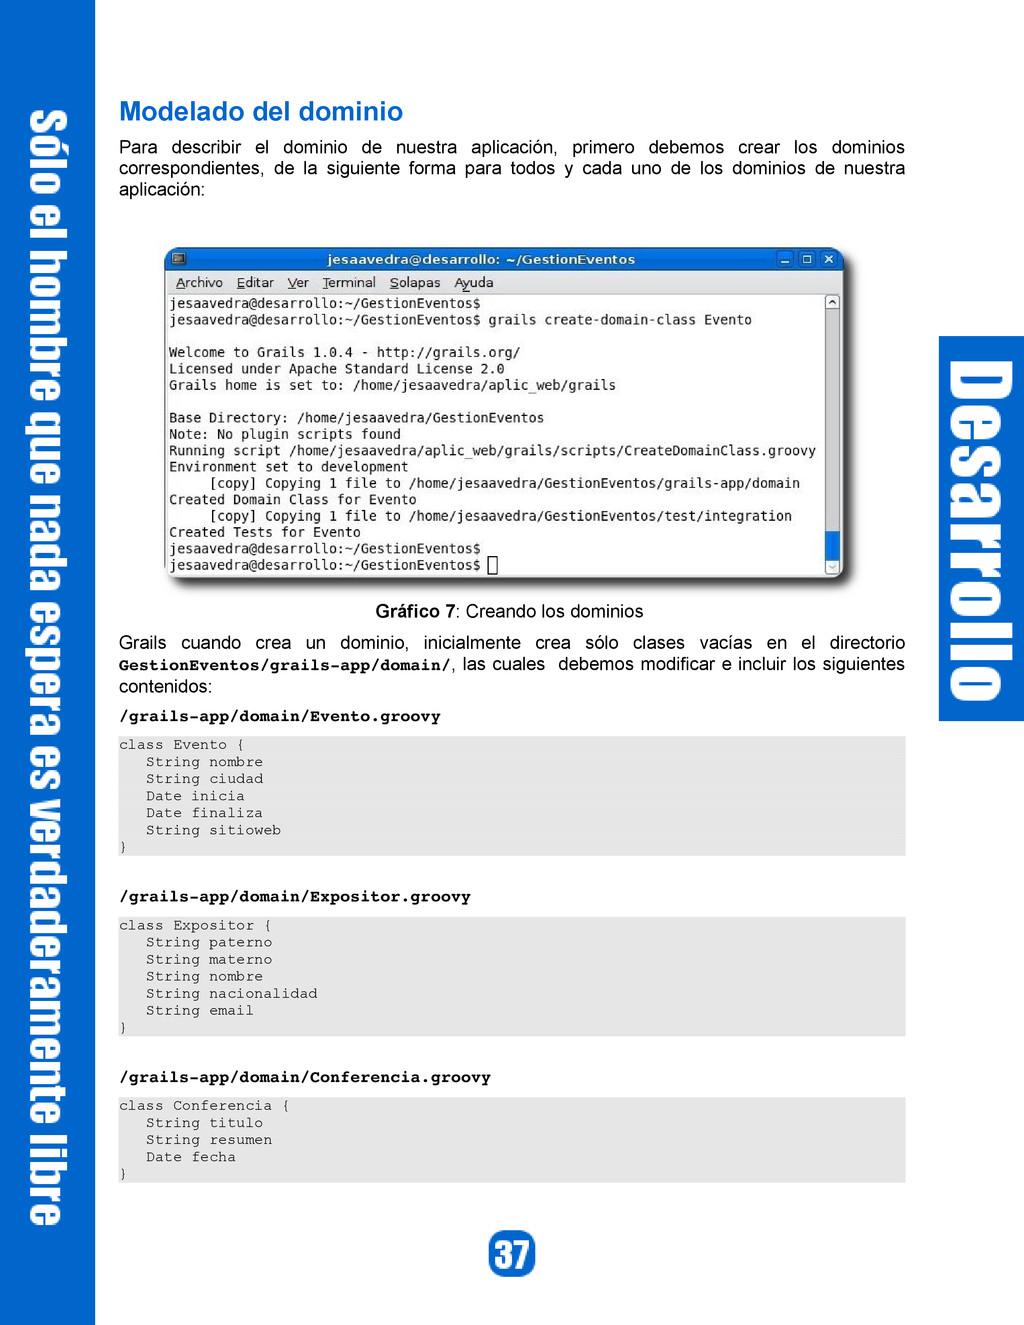 Modelado del dominio Para describir el dominio ...